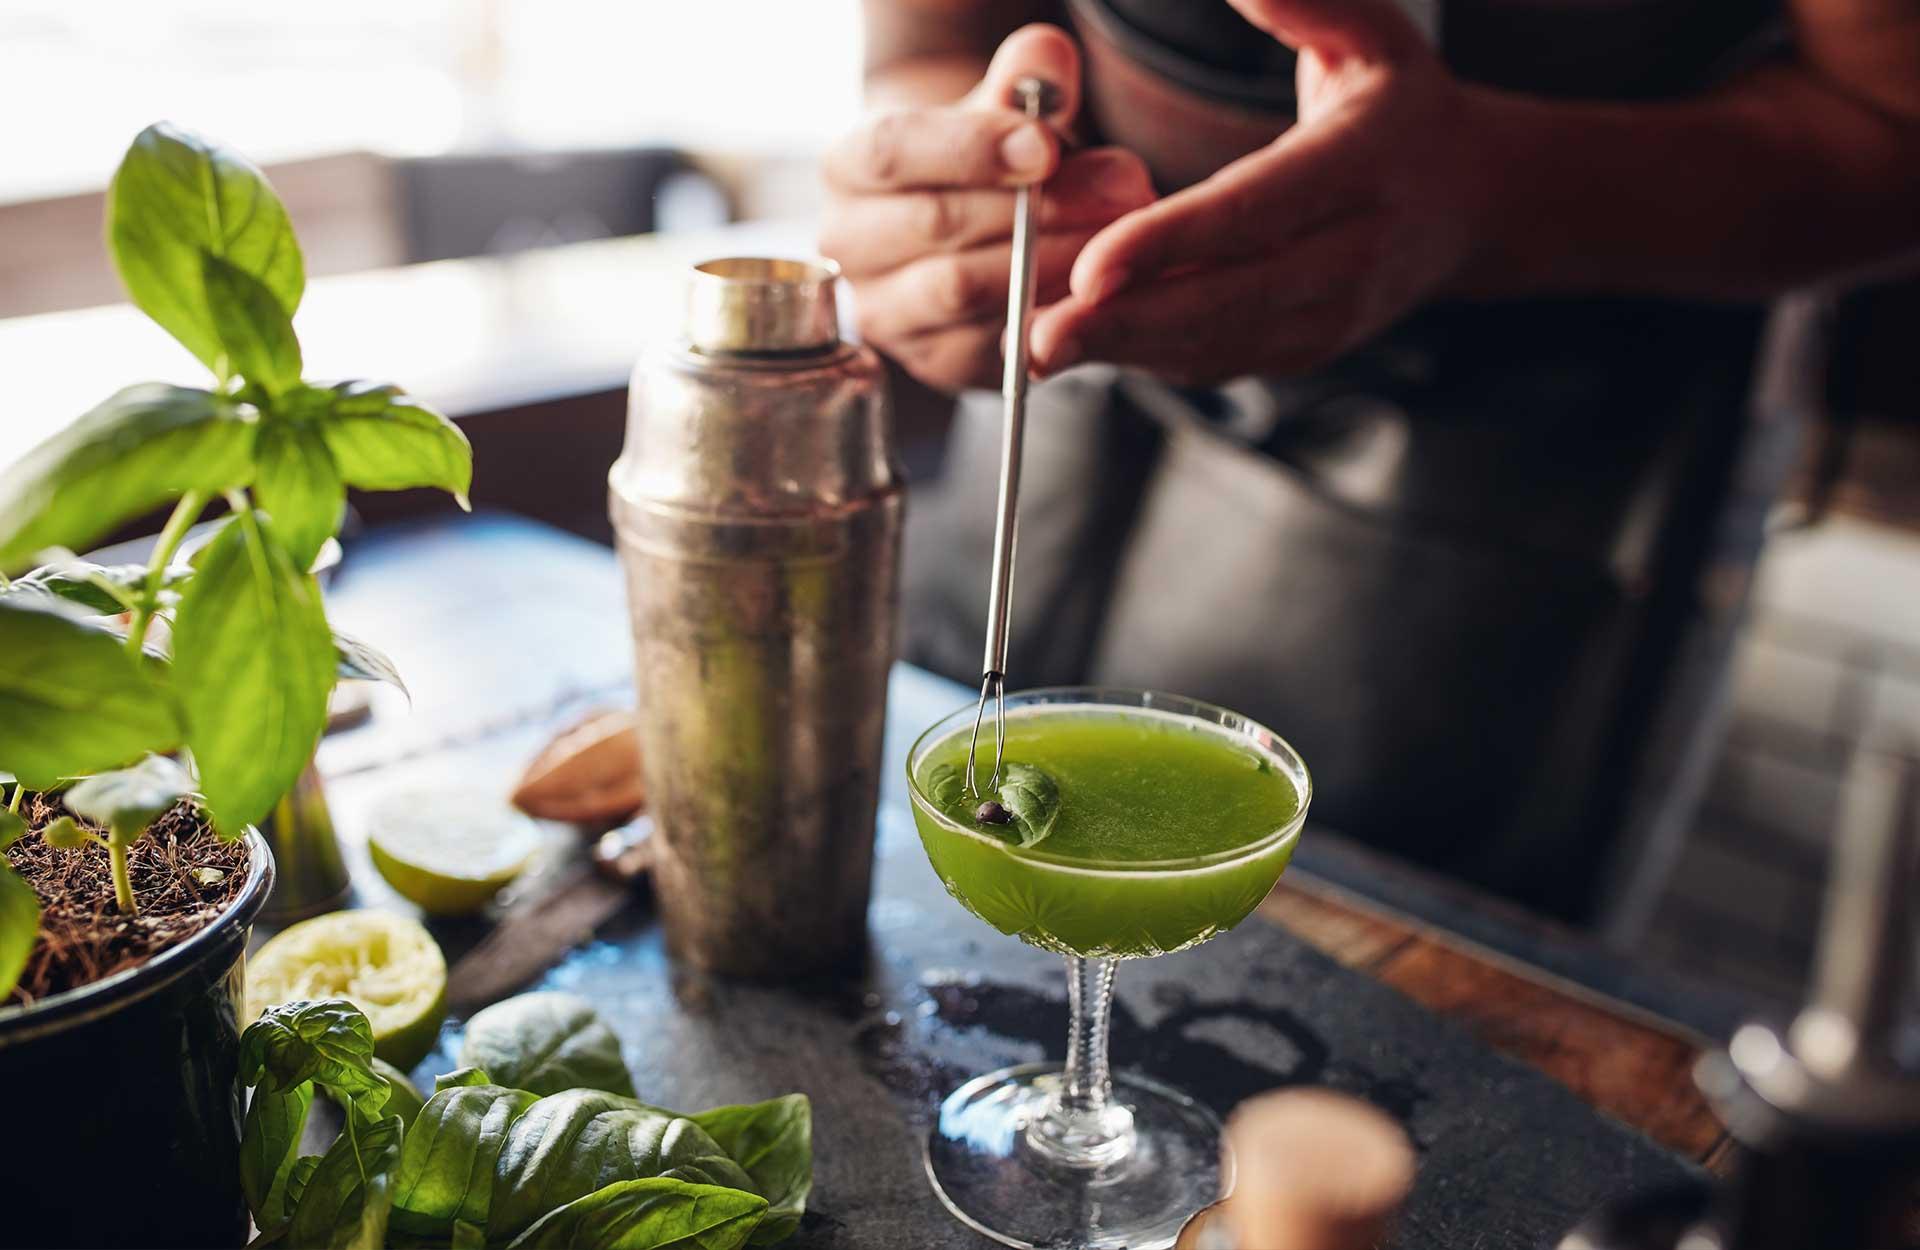 Brudskålen - bartender